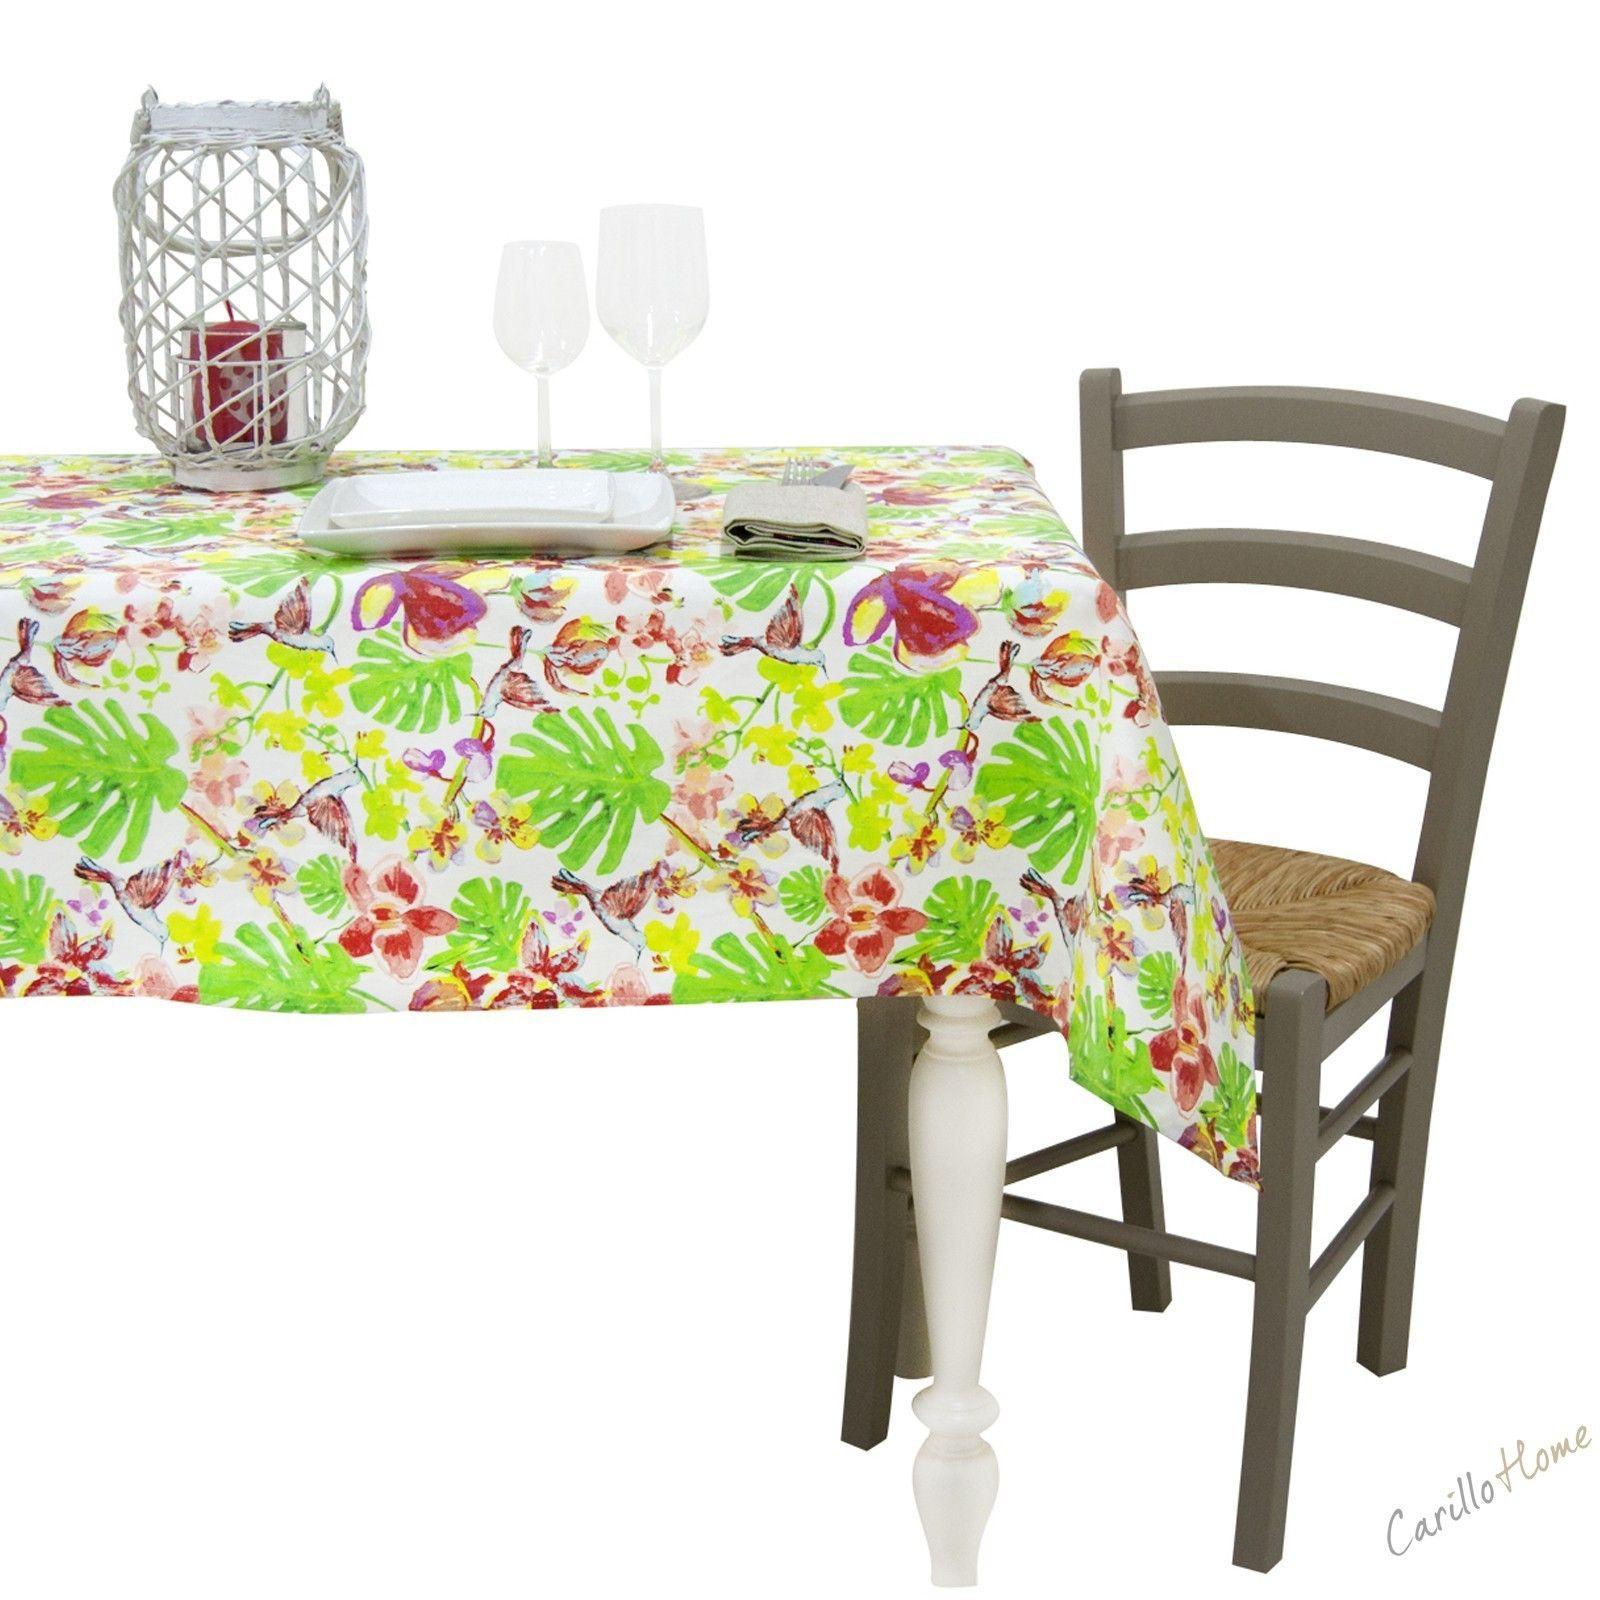 Quando si mangia in compagnia, si mangia in allegria. Il #copritavola della Linea Oro assicura il buon umore quando si è a tavola. :D #CarilloHome #casa #LineaOro #cucina #tavola